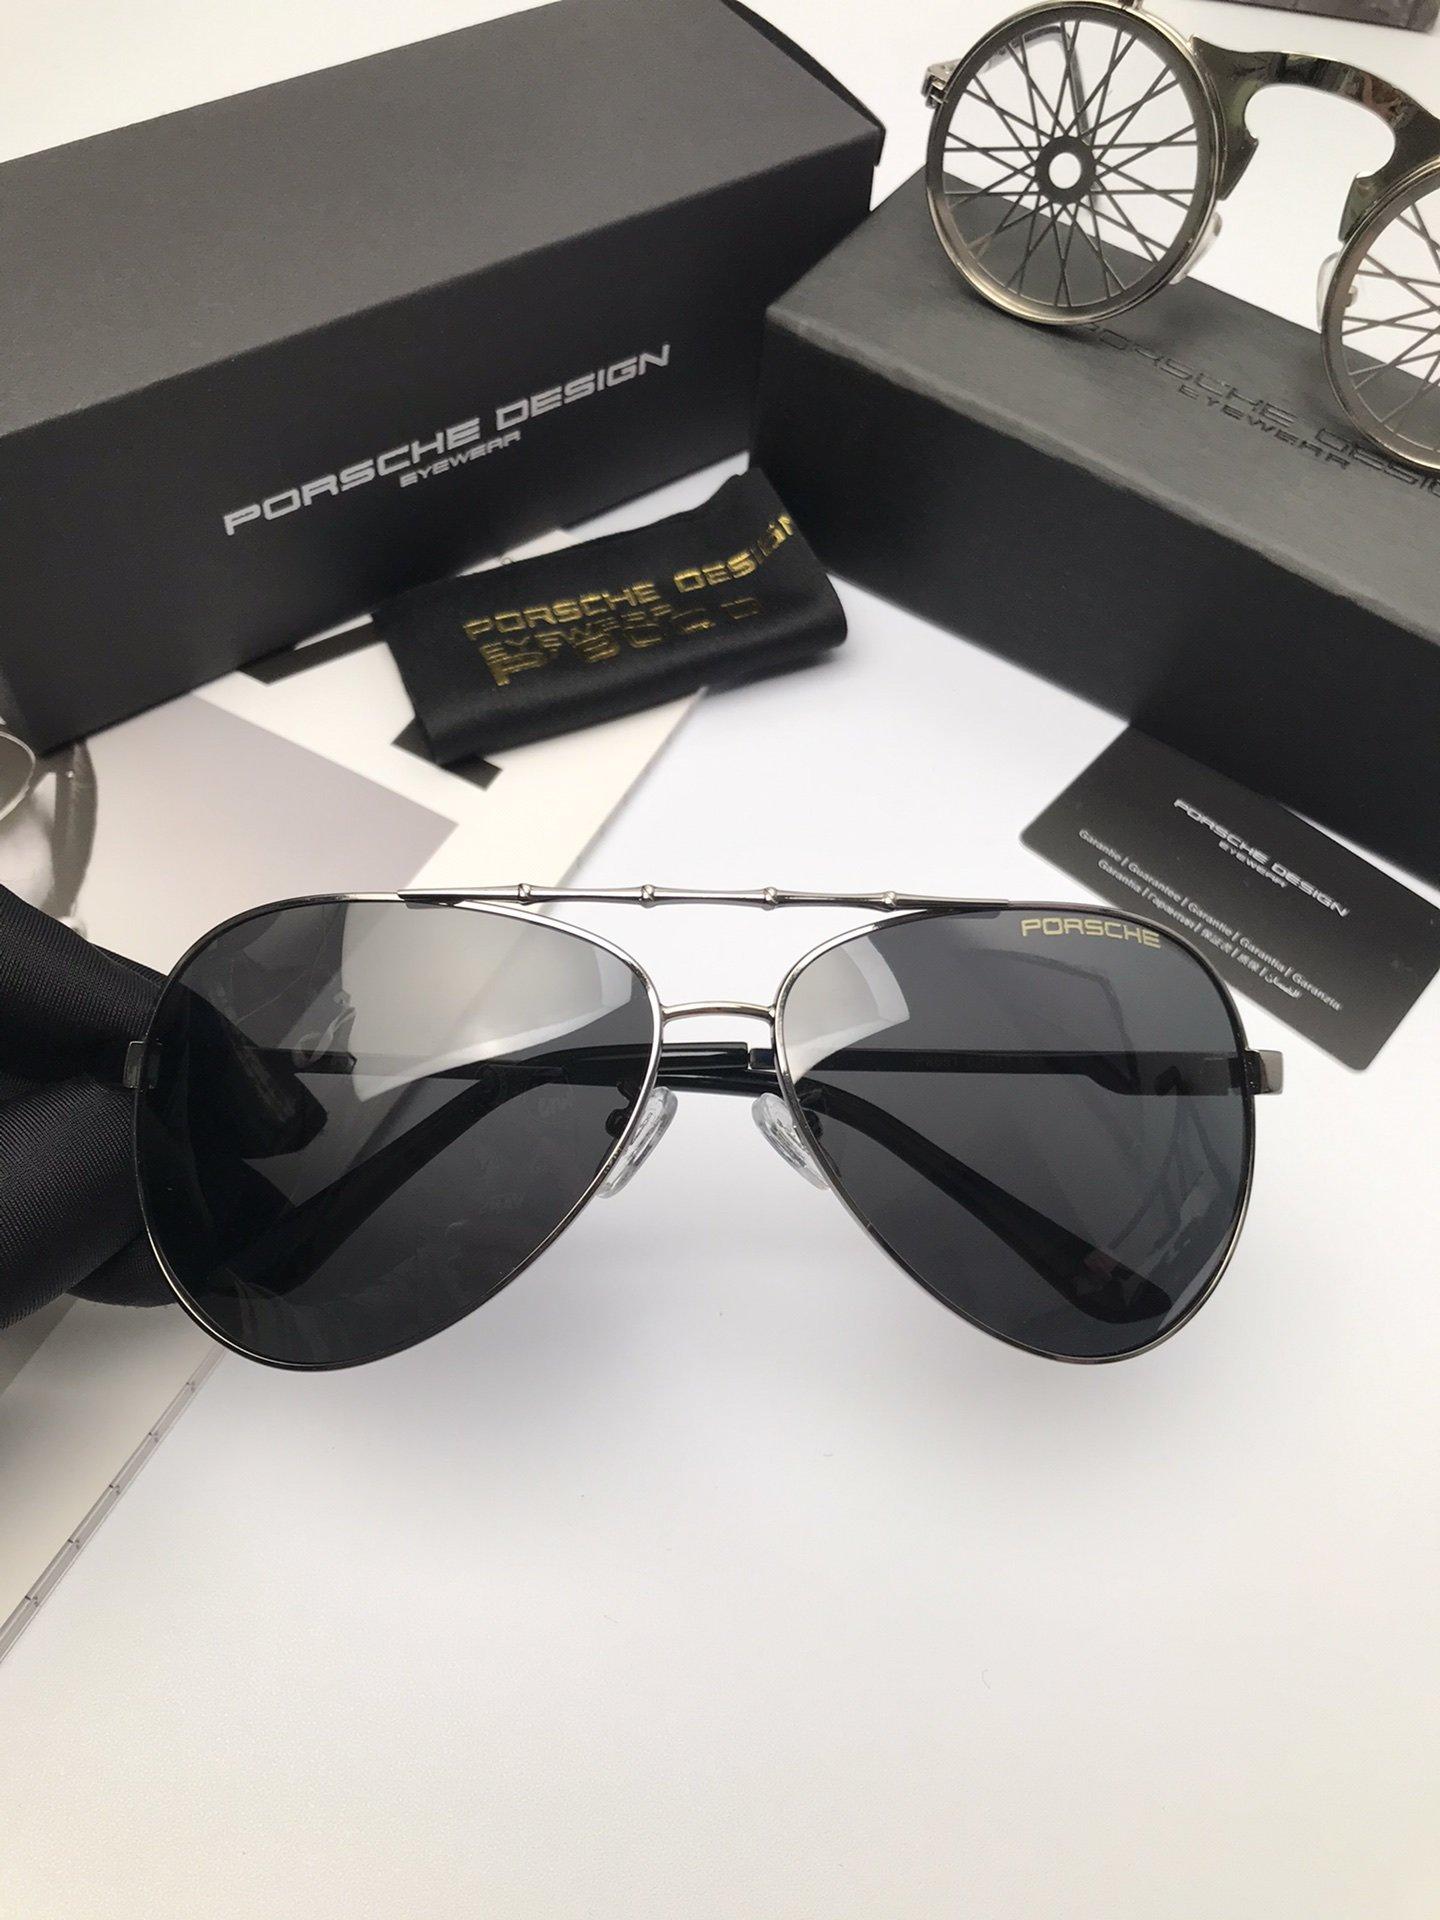 新款品牌保时捷高品质男士偏光太阳镜材